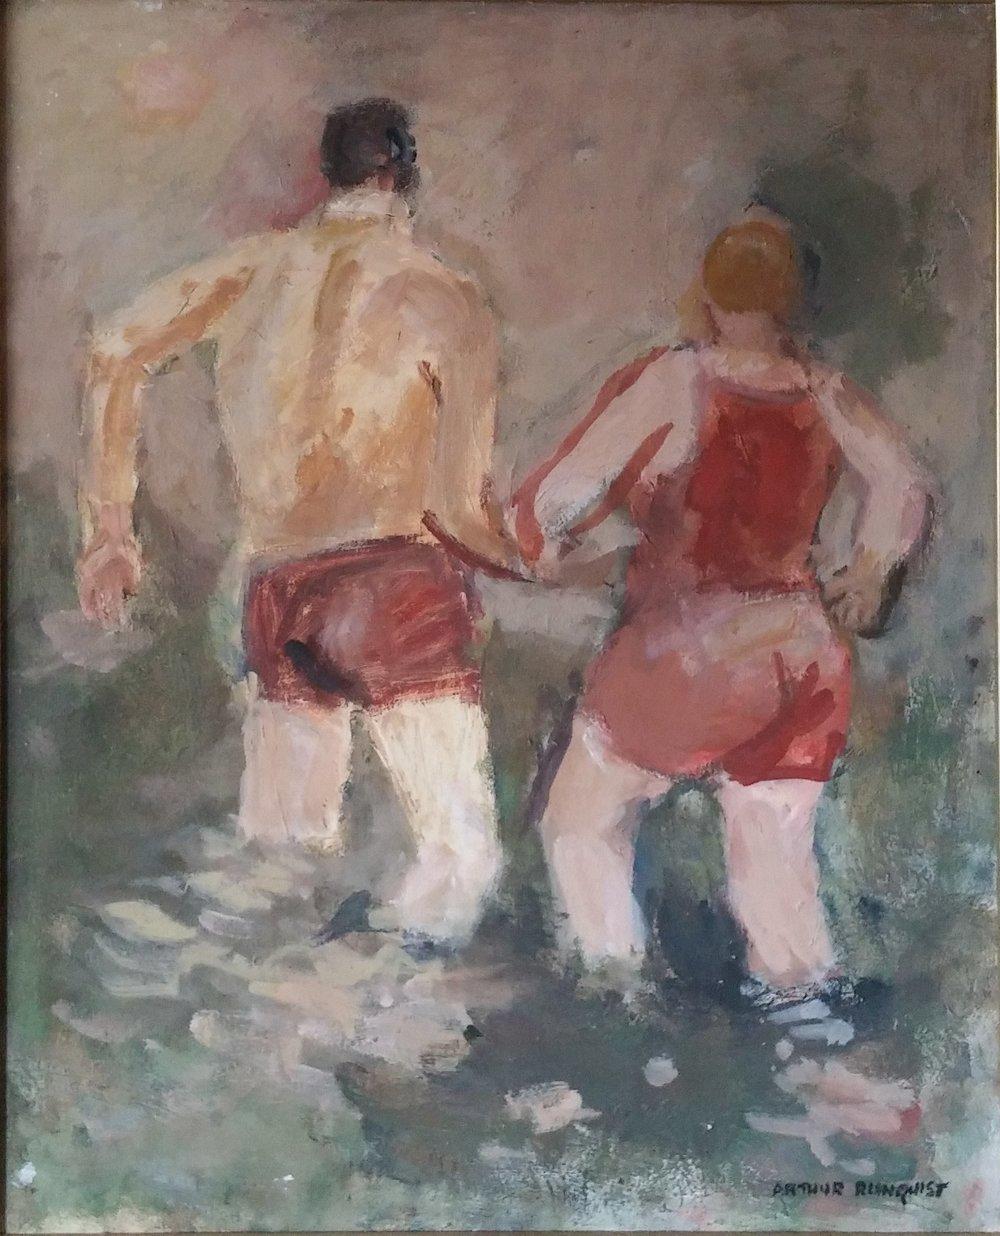 Bathers, Oil, 18x24 NFS Arthur Runquist